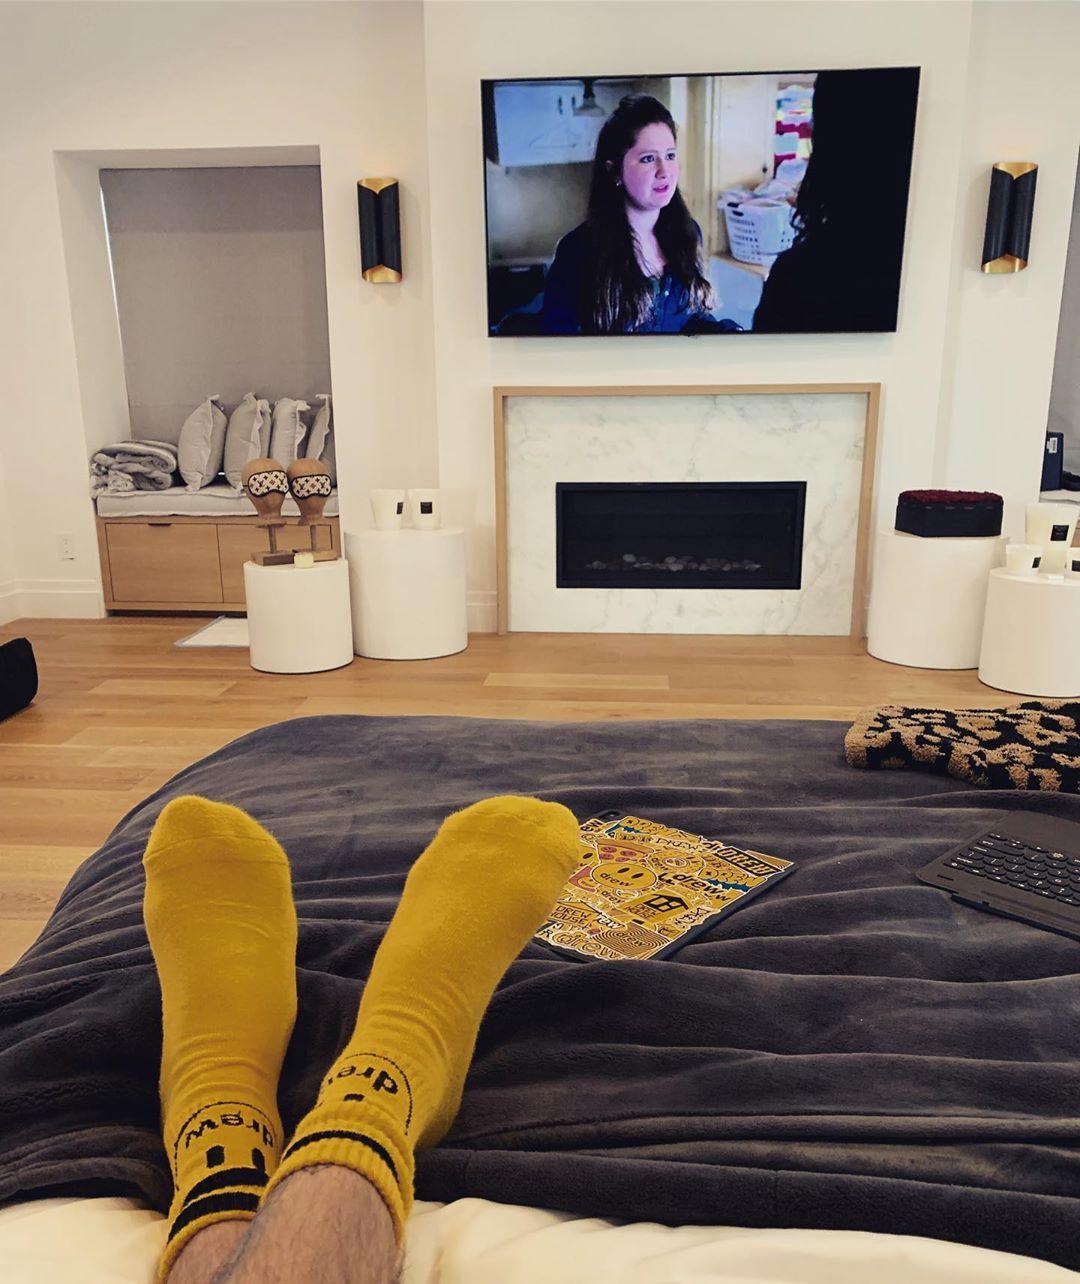 Justin Bieber's bedroom